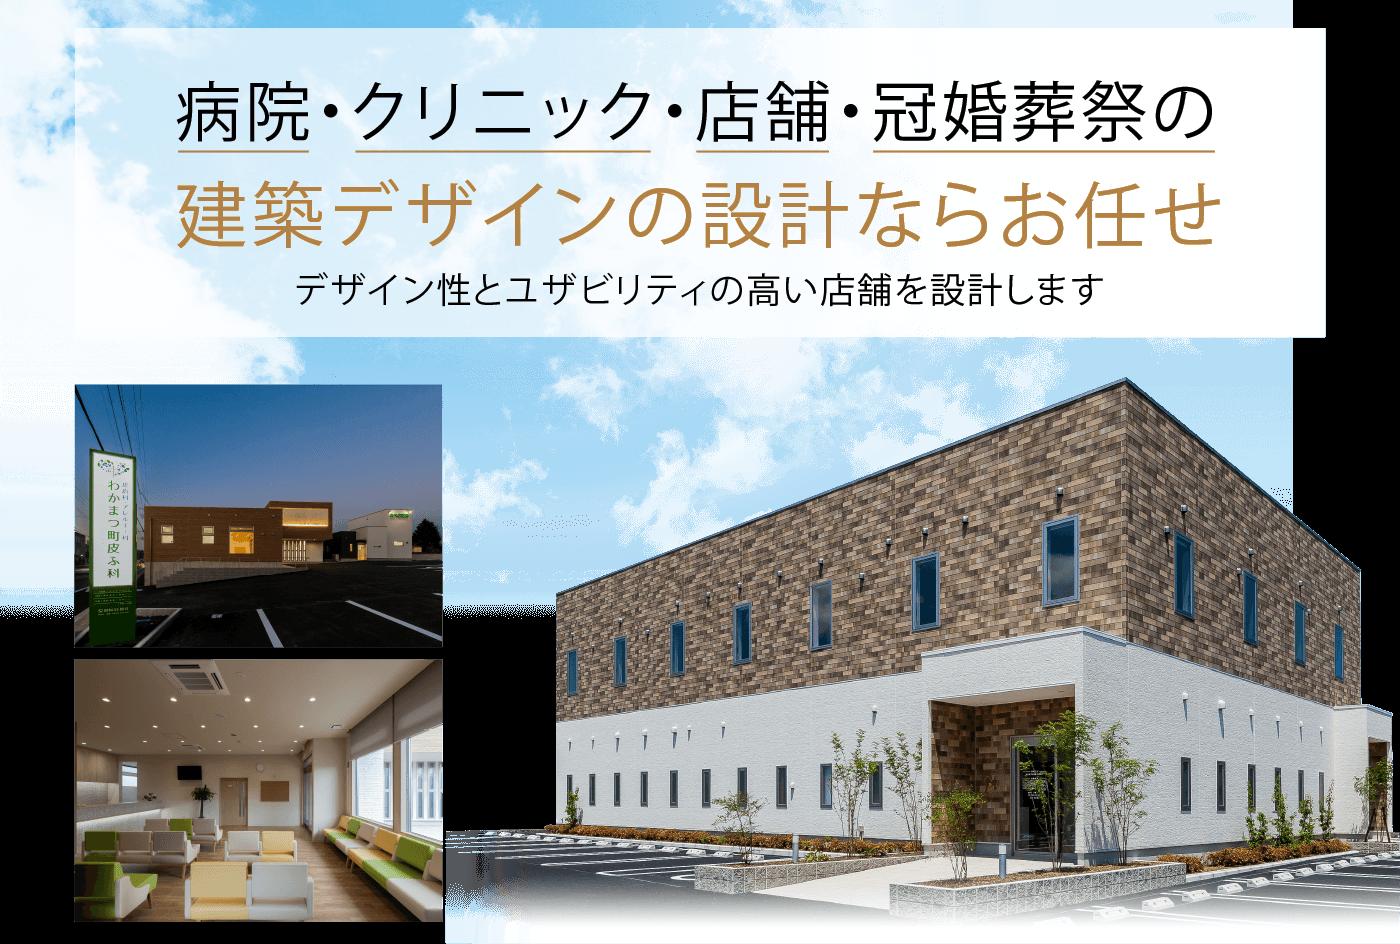 病院・クリニック・店舗・冠婚葬祭の建築デザインの設計ならお任せ デザイン性とユザビリティの高い店舗を設計します